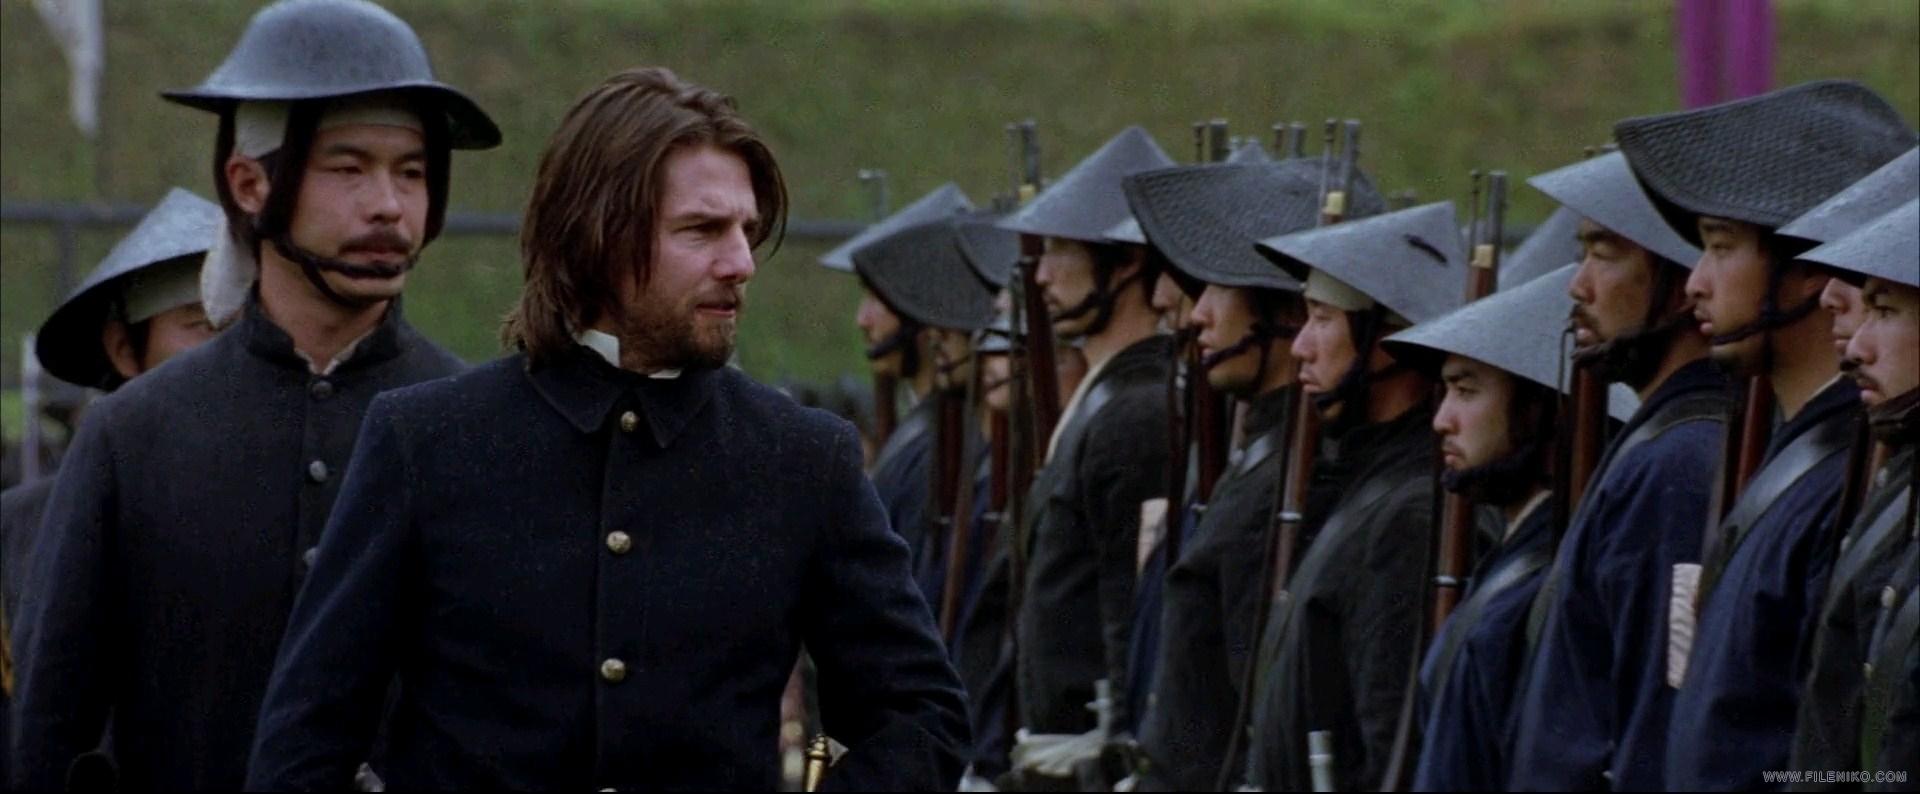 تصویری از فیلم آخرین سامورایی